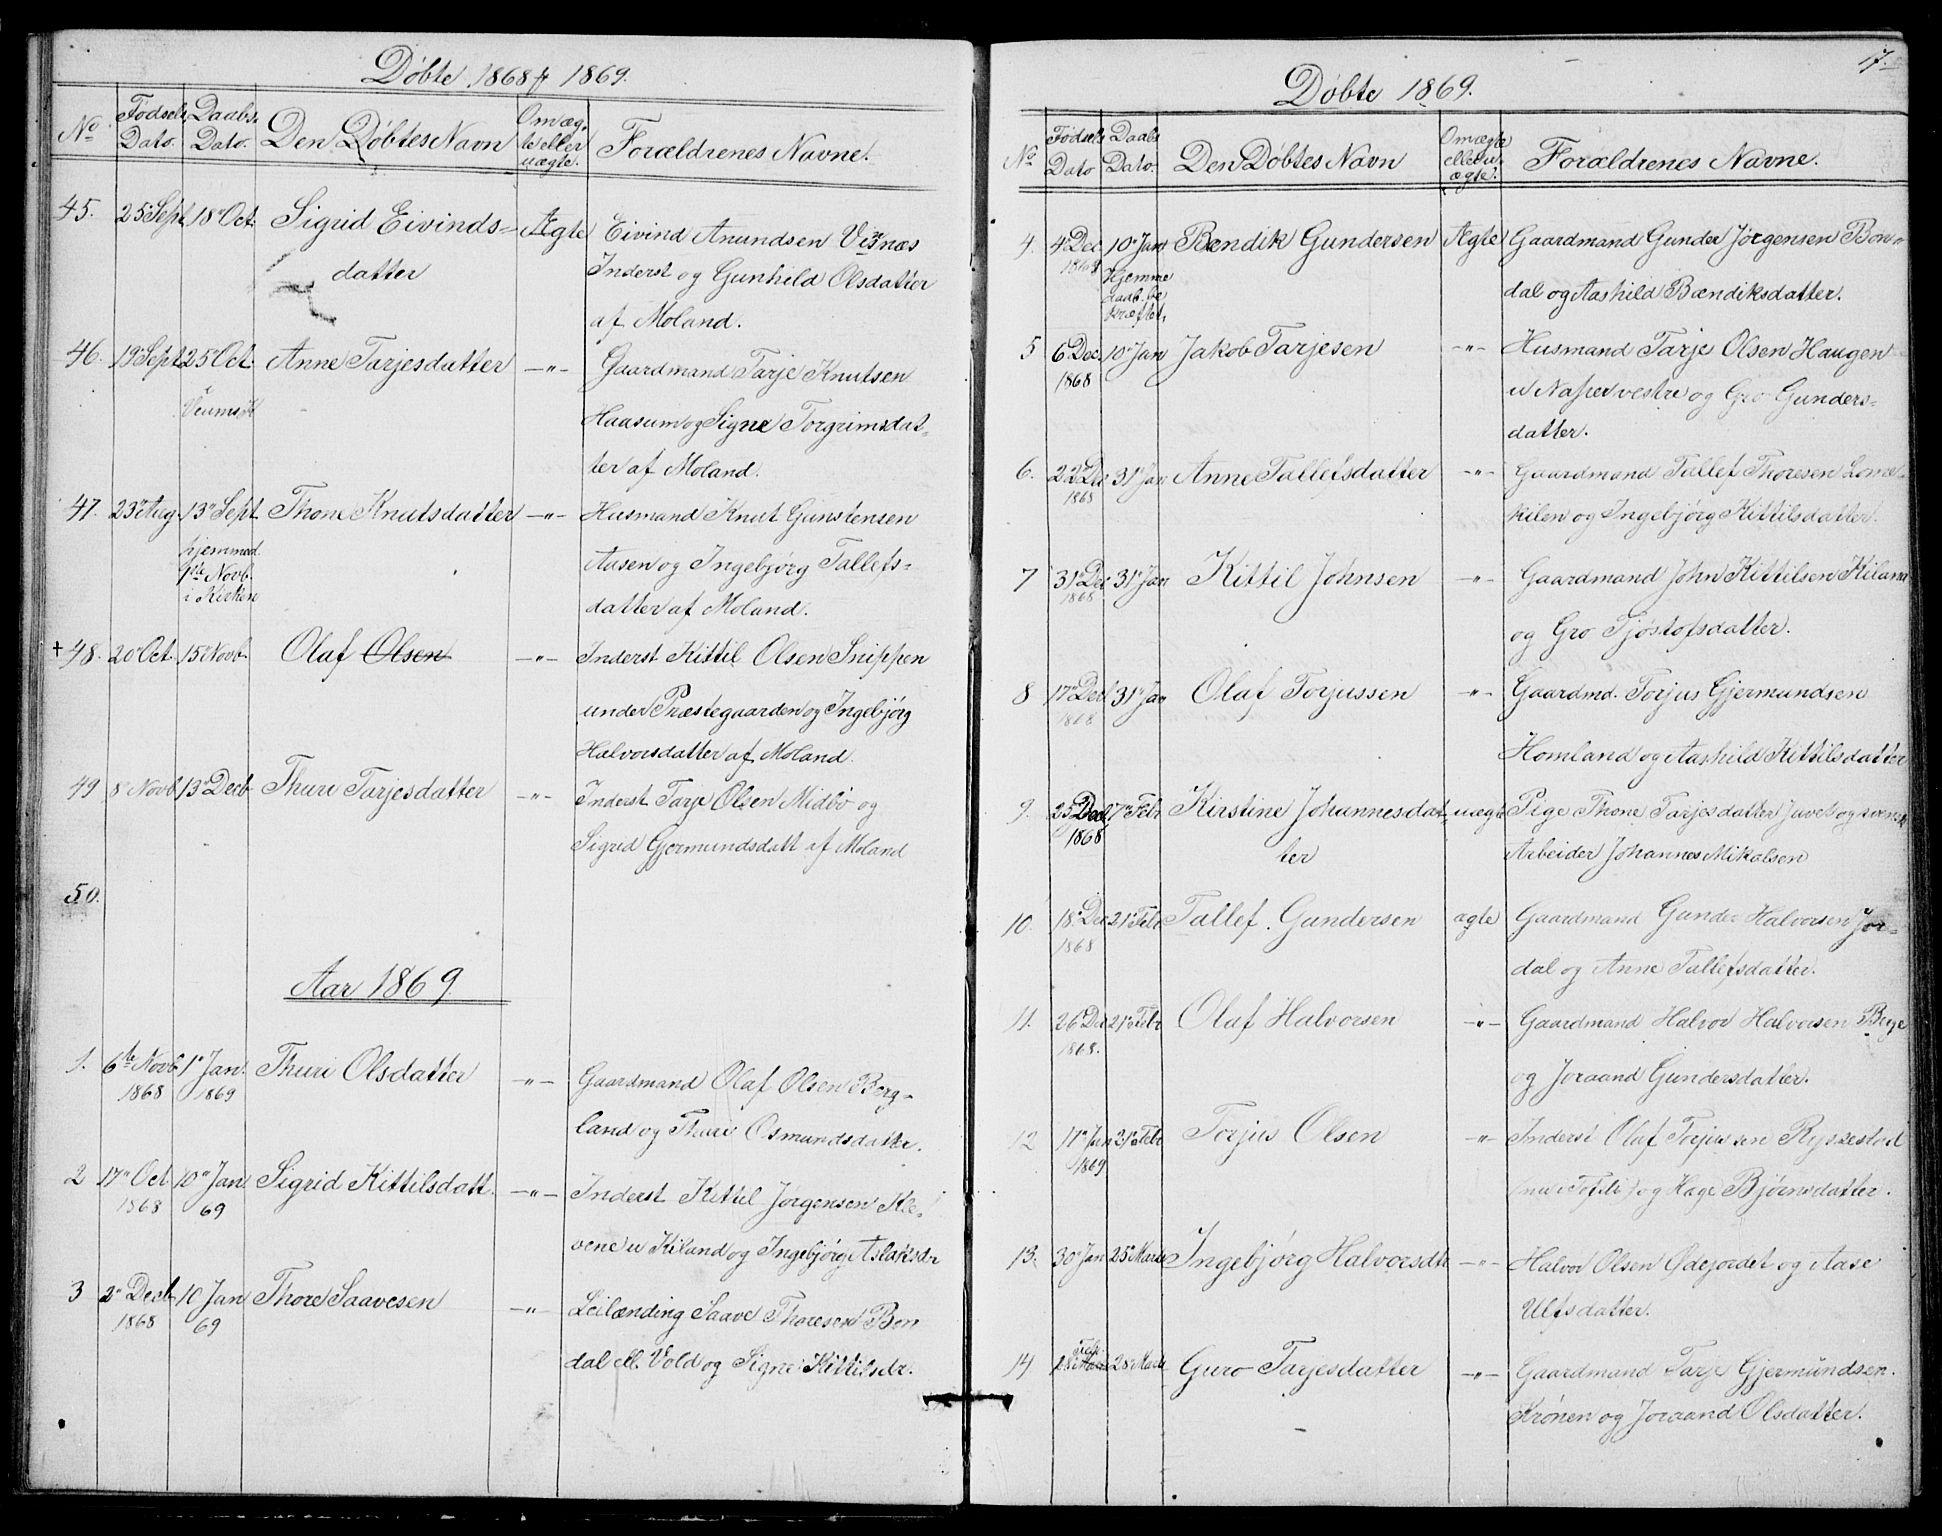 SAKO, Fyresdal kirkebøker, G/Ga/L0004: Klokkerbok nr. I 4, 1864-1892, s. 17